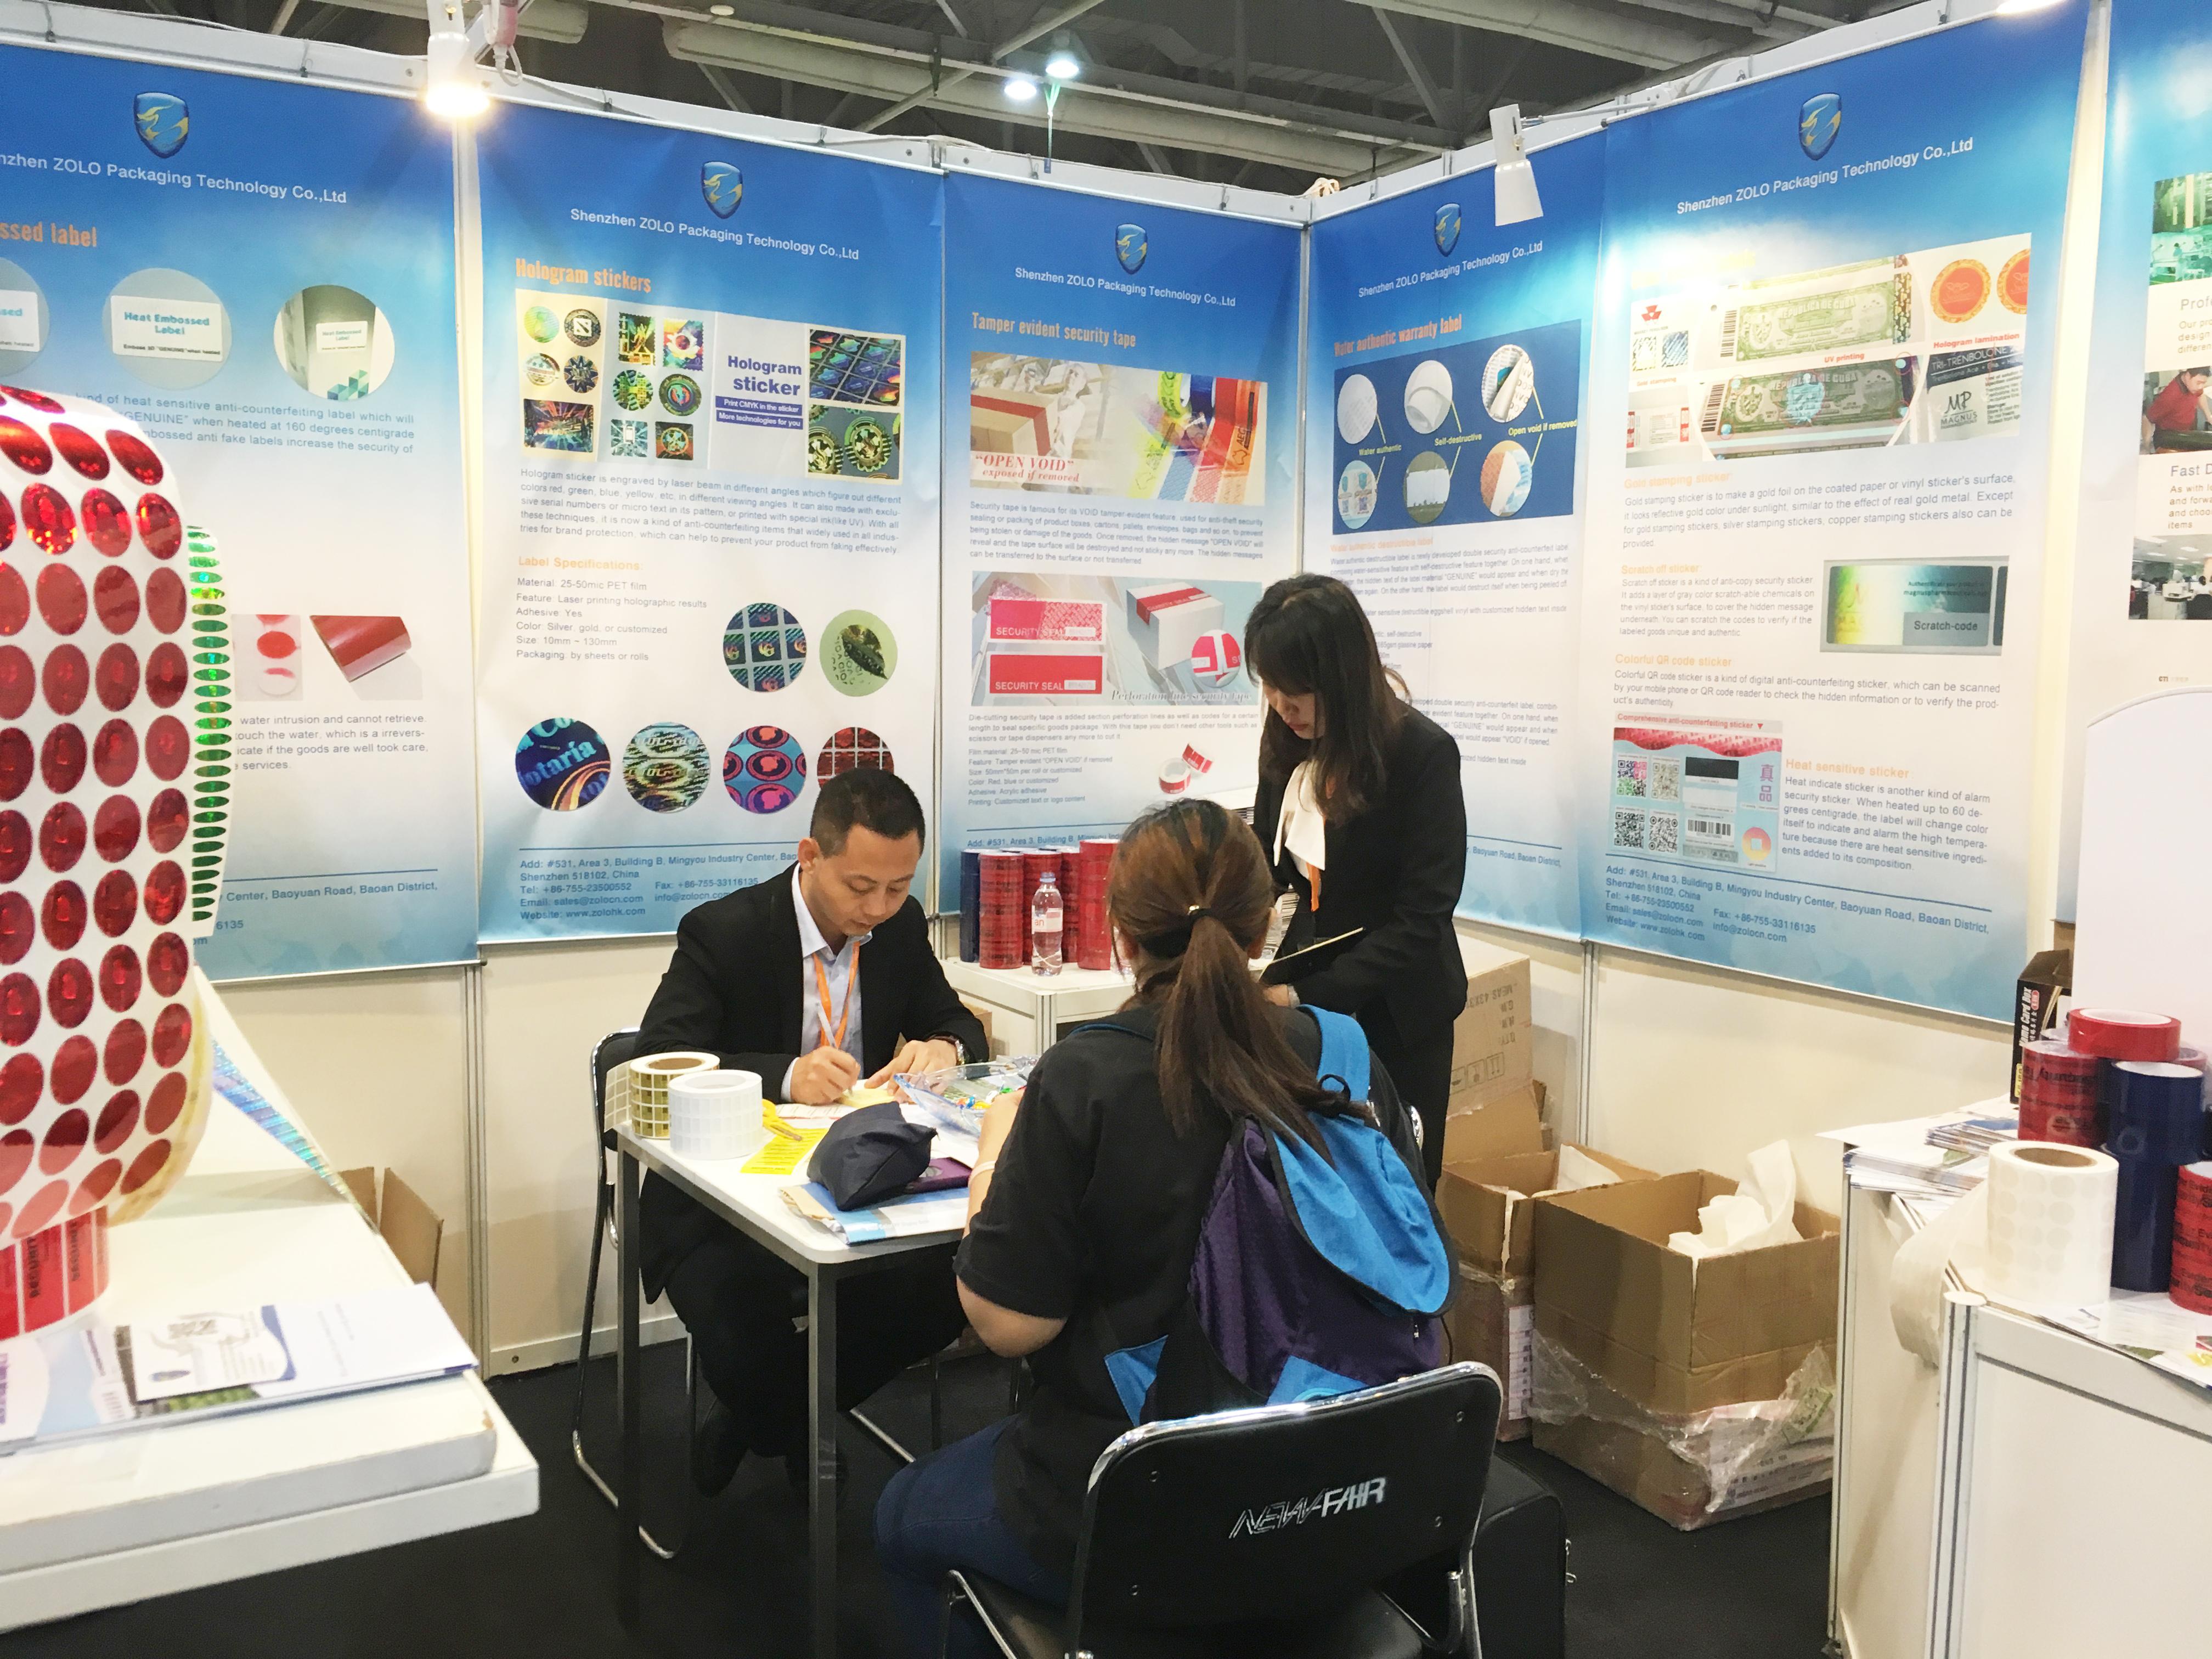 Hong Kong Exhibition